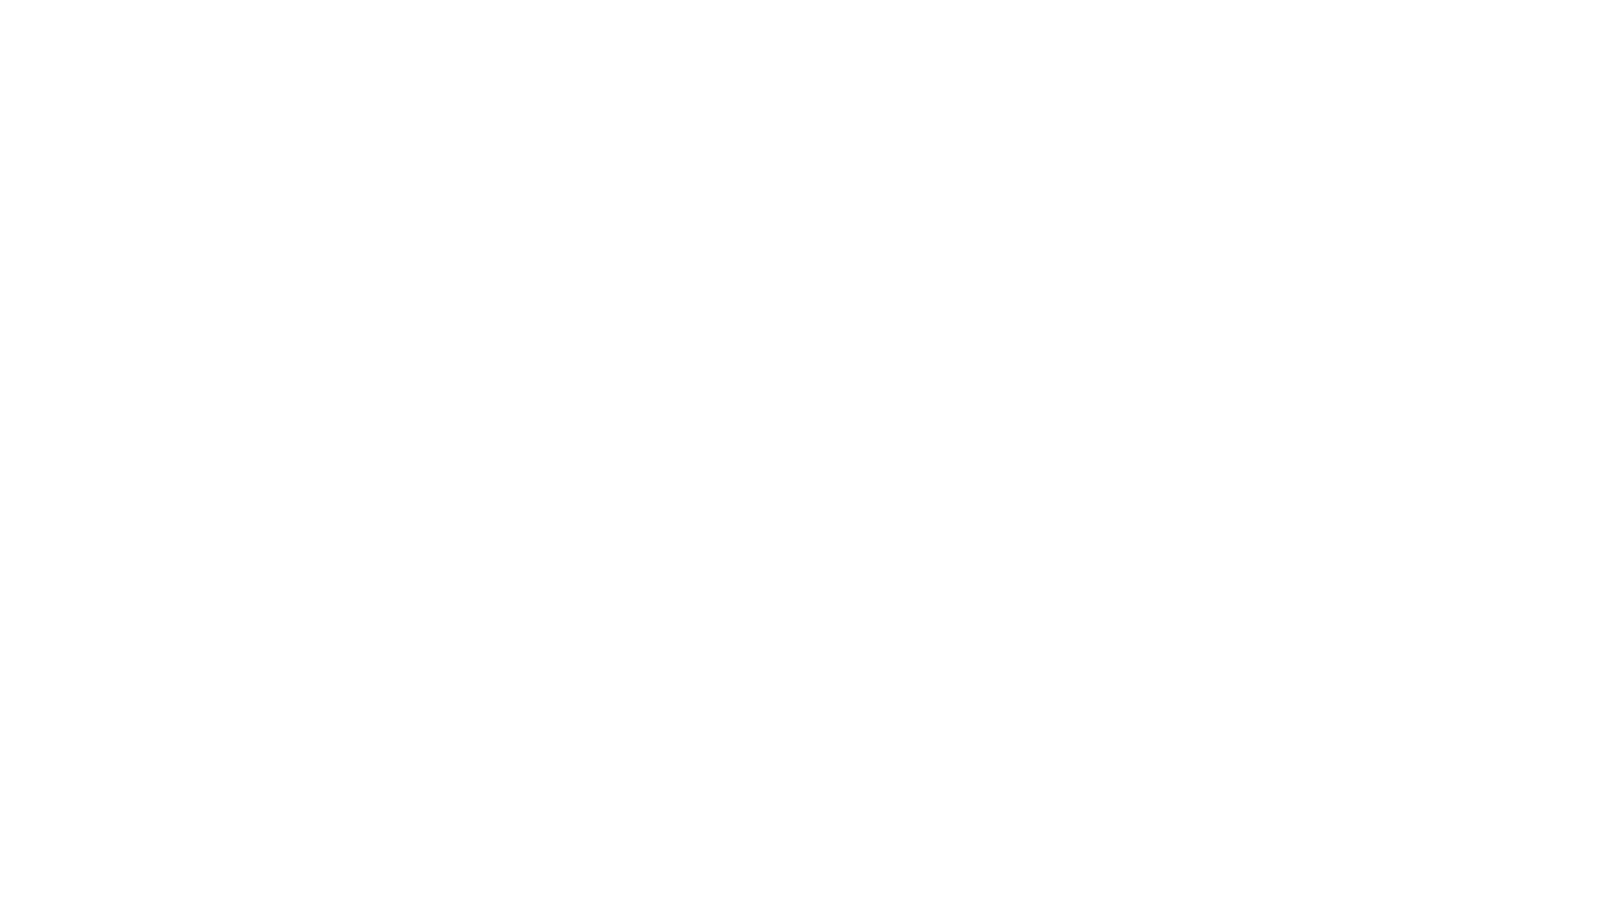 Vídeo resumen de la experiencia de este grupo operativo de la Comunidad de Madrid, en la que Red Terrae es el socio representante y colabora con IMIDRA, AUPA, UPA-Madrid, los grupos de acción local (ARACOVE, GALSINMA y Adi Sierra Oeste) y la UAM.  La escuela ItíNERA es un programa de formación y emprendimiento agroecológico que se realizará en distintos municipios de la Comunidad de Madrid. Se trata de un programa tutelado de aprendizaje práctico con formación aplicada y específica según la finca de trabajo disponible, con acceso a la cualificación de personal especializado, personas mayores agricultas de la localidad, y seguimiento y asesoramiento de profesionales de desarrollo local. La escuela itÍNERA se está desarrollando entre 2019 y 2021 en Villamanrique de Tajo, El Boalo-Cerceda-Matalepino y Redueña.  Las imágenes son autogestionadas por los propios alumnos y colaboradores de la escuela.